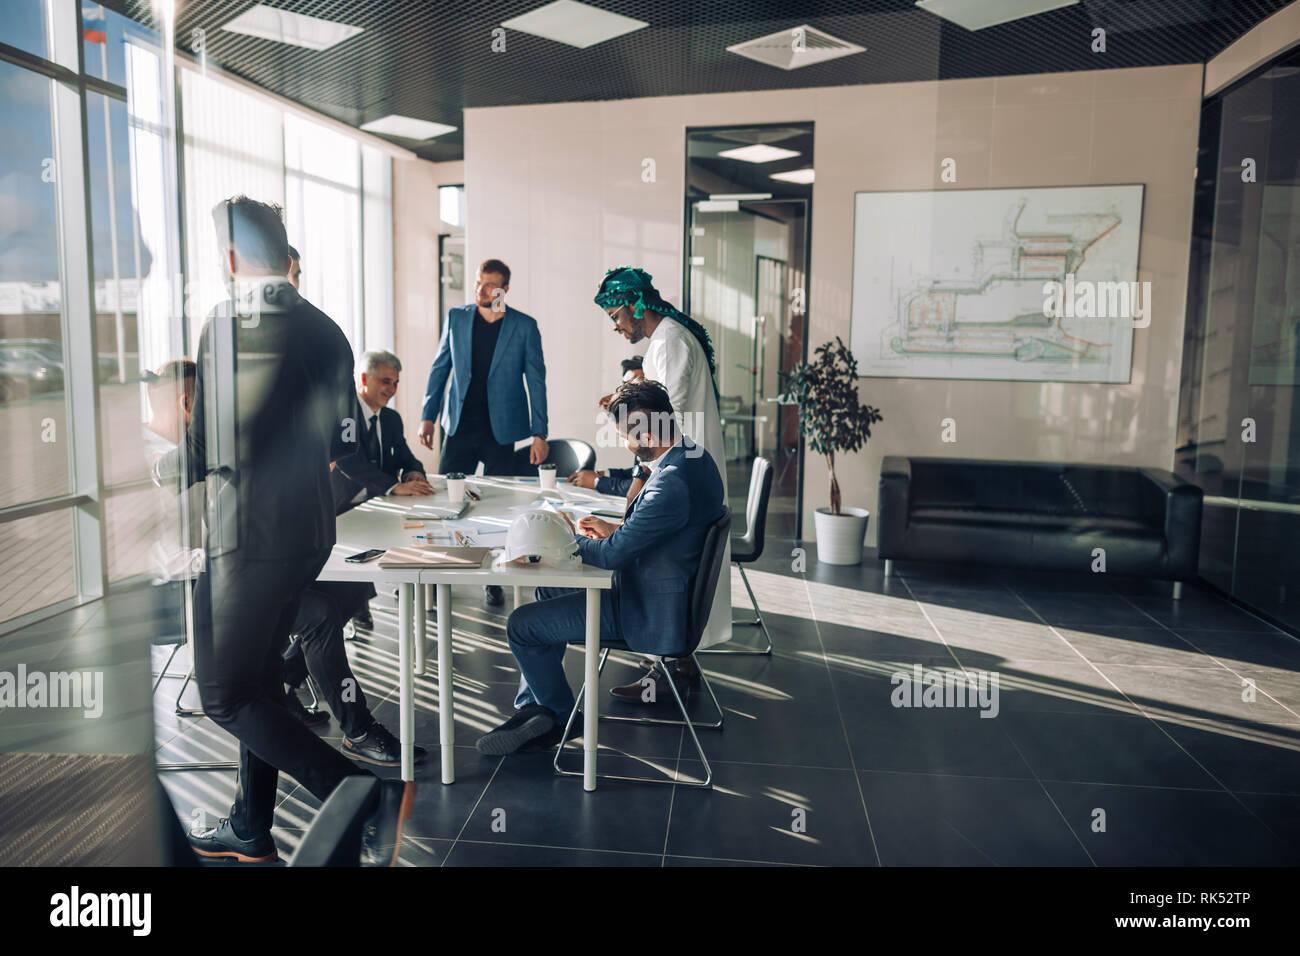 Grupo multiétnico de socios de negocios de diversas edades y etnias se reunieron para la reunión para discutir los detalles de la expansión de las empresas hacia el este - vie Foto de stock